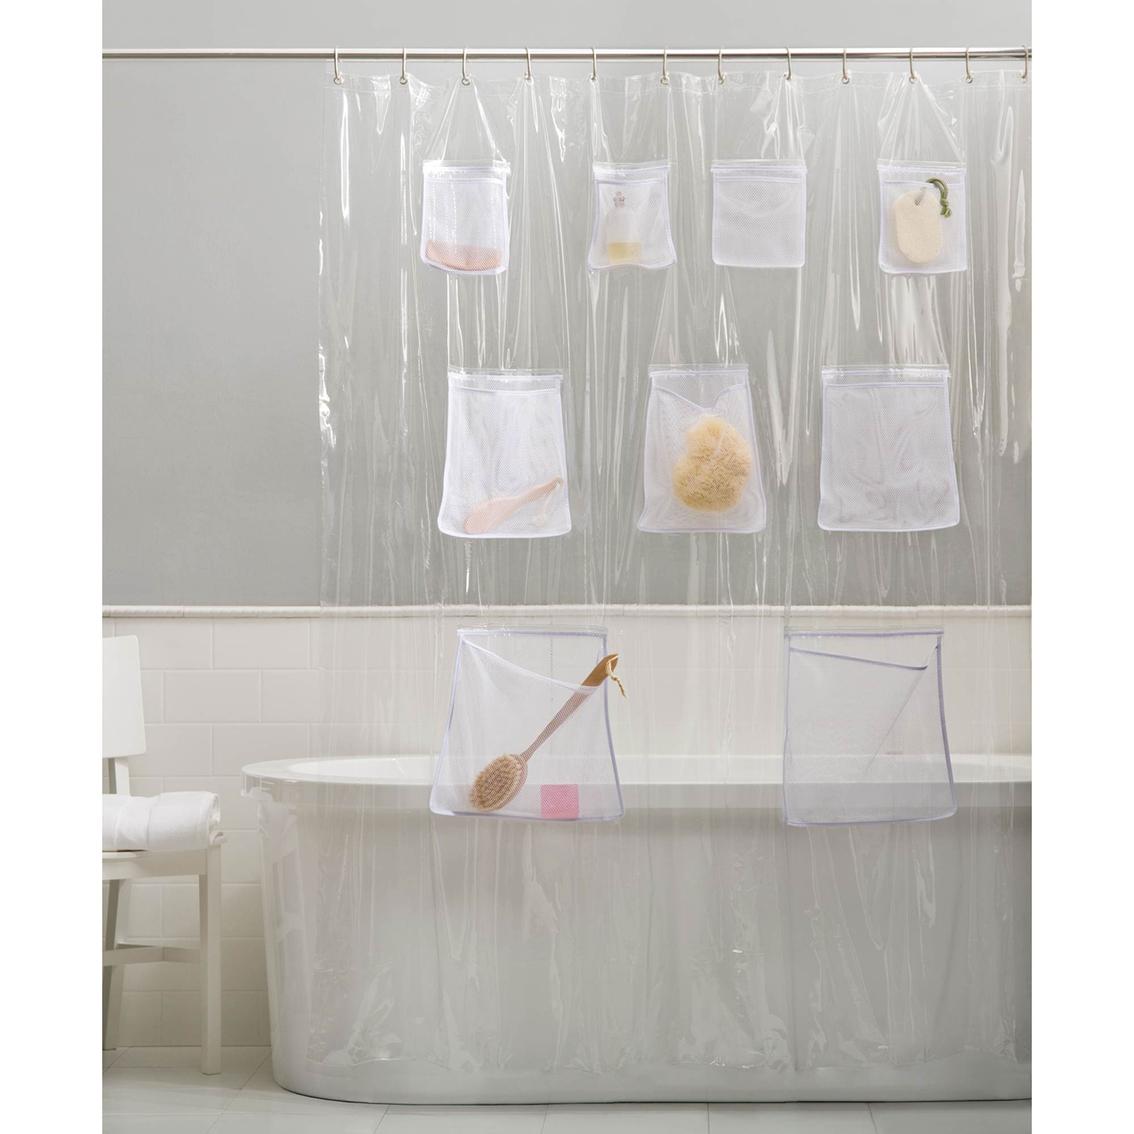 maytex mesh pockets ii peva shower